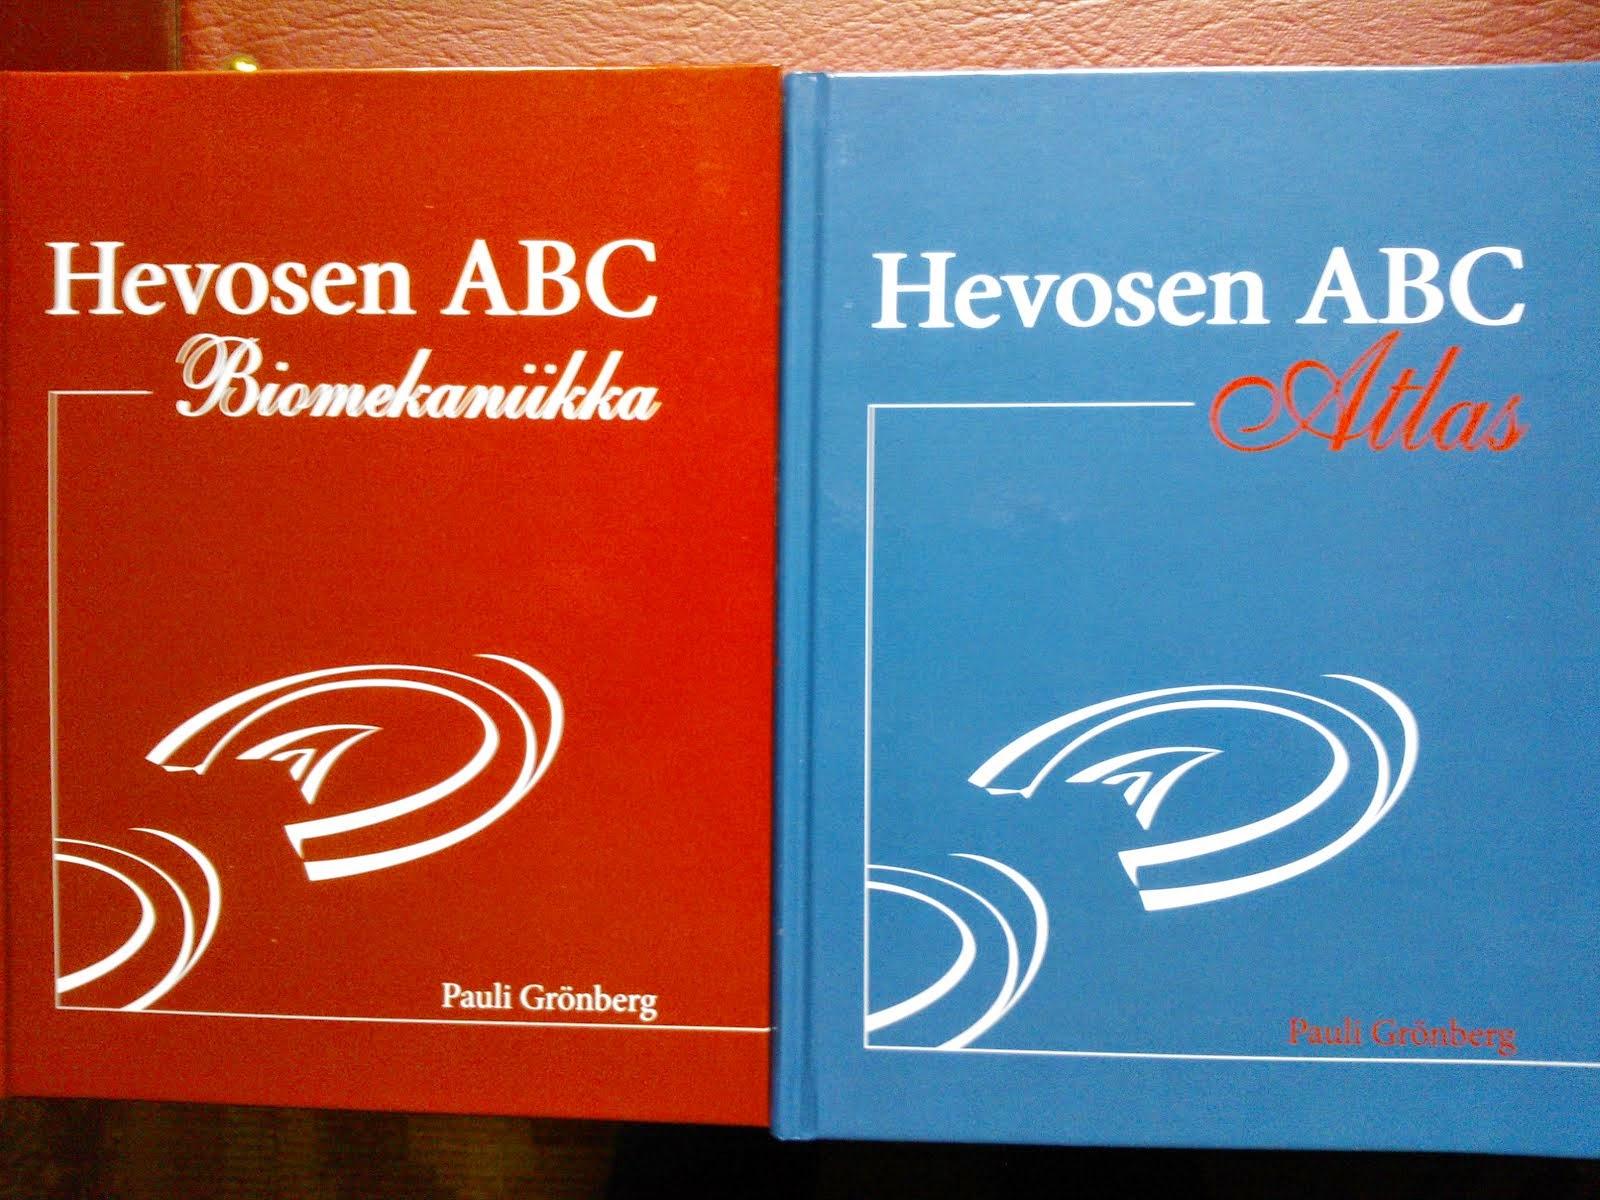 Hevosen ABC-kirjat